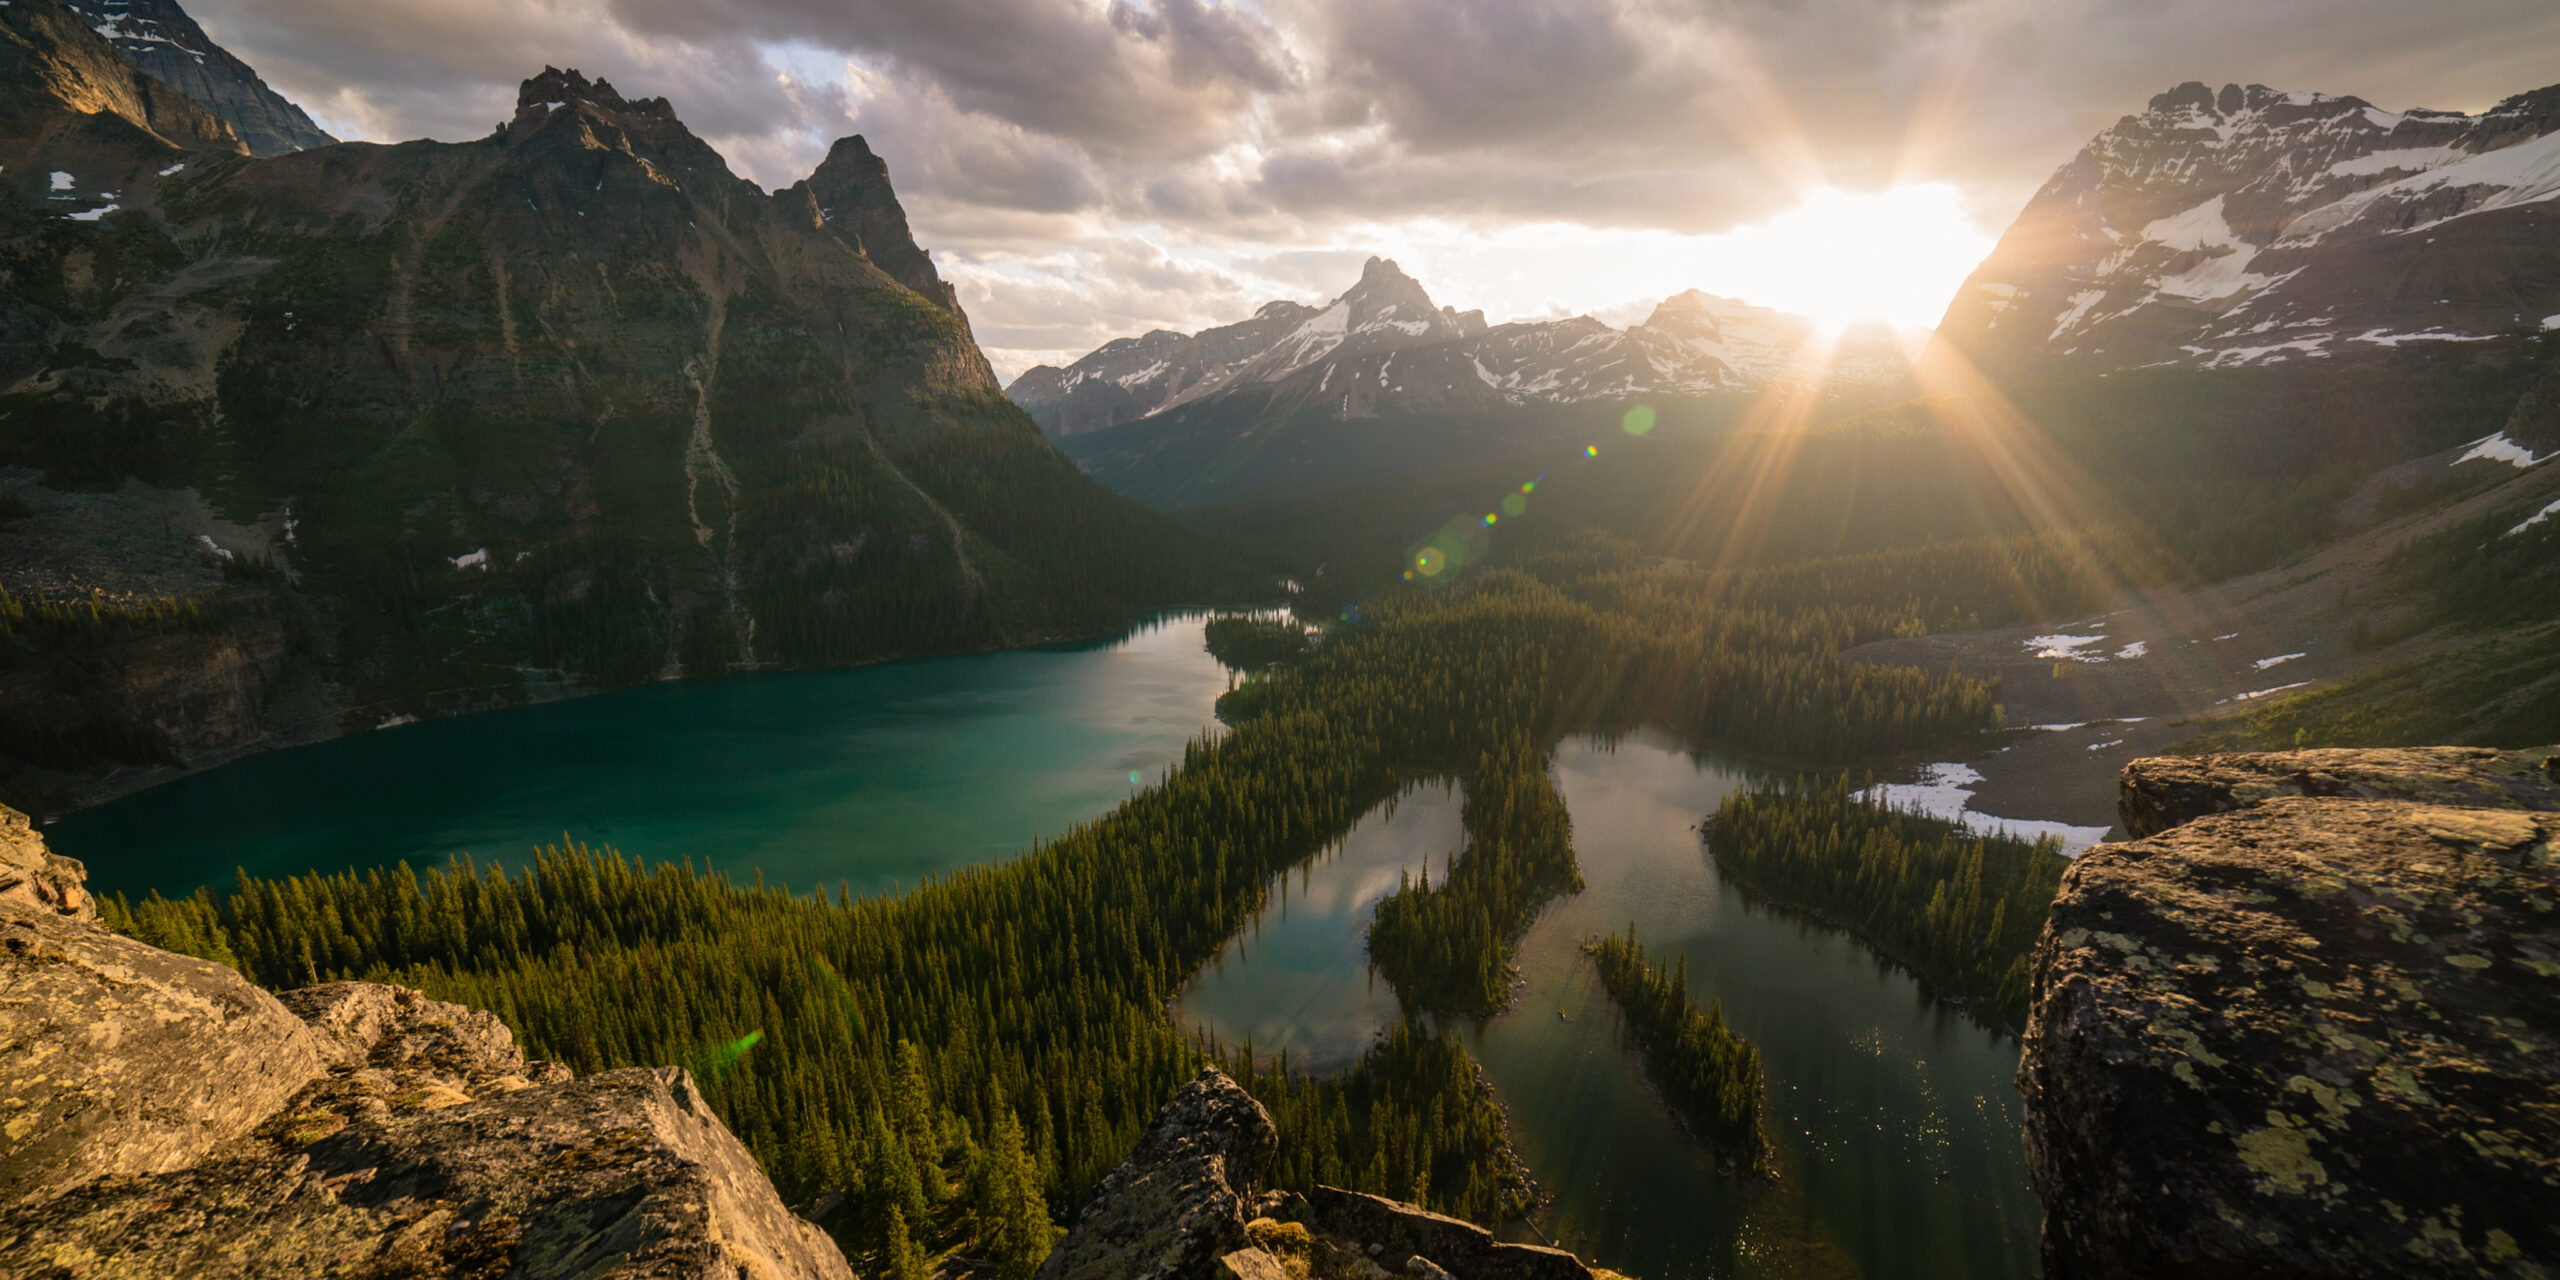 Mountain Lakes during Sunset